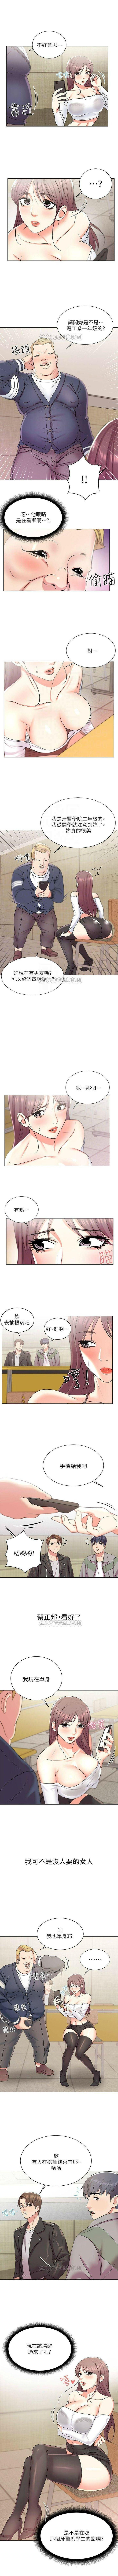 (週3)超市的漂亮姐姐 1-22 中文翻譯(更新中) 80